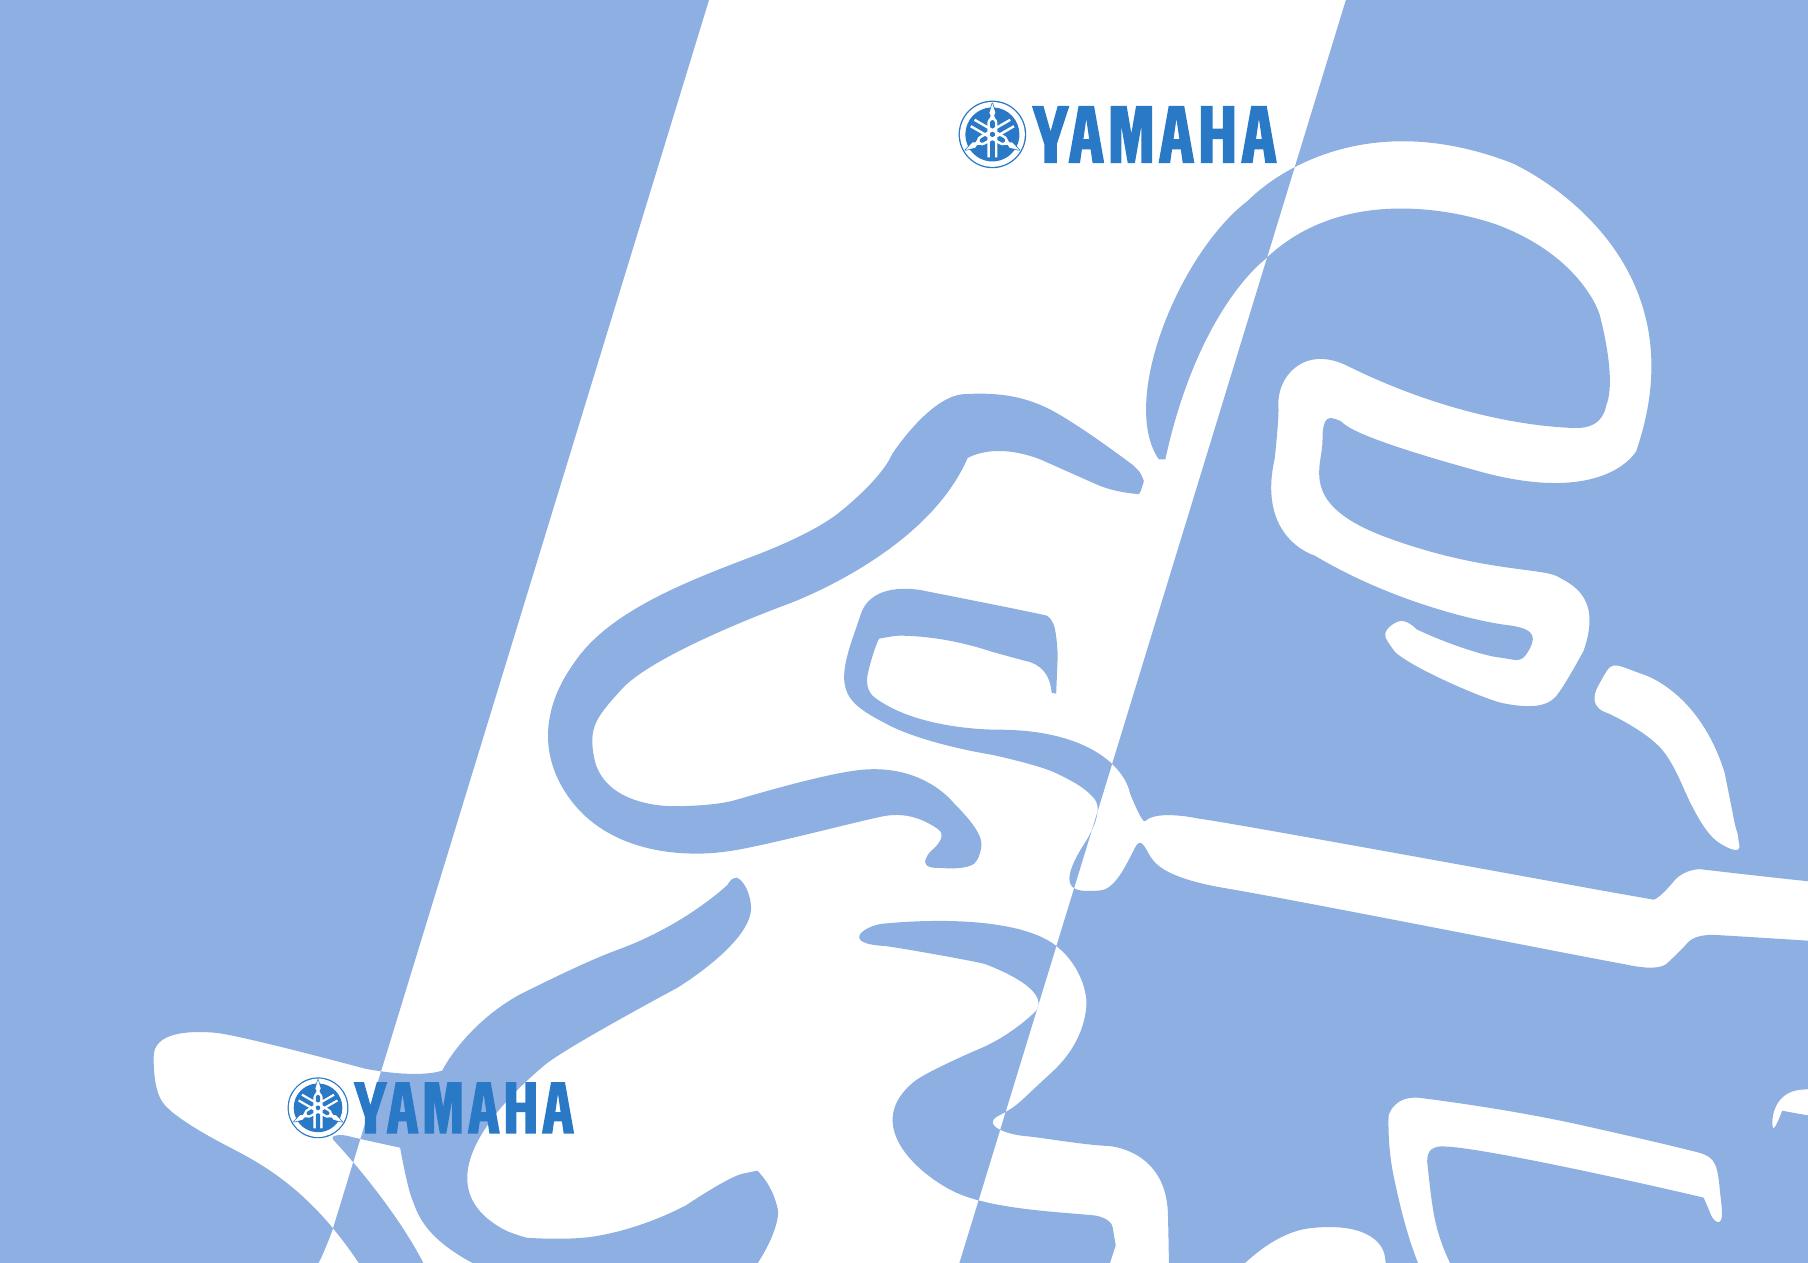 инструкция по эксплуатации мотоцикла yamaha yz 85